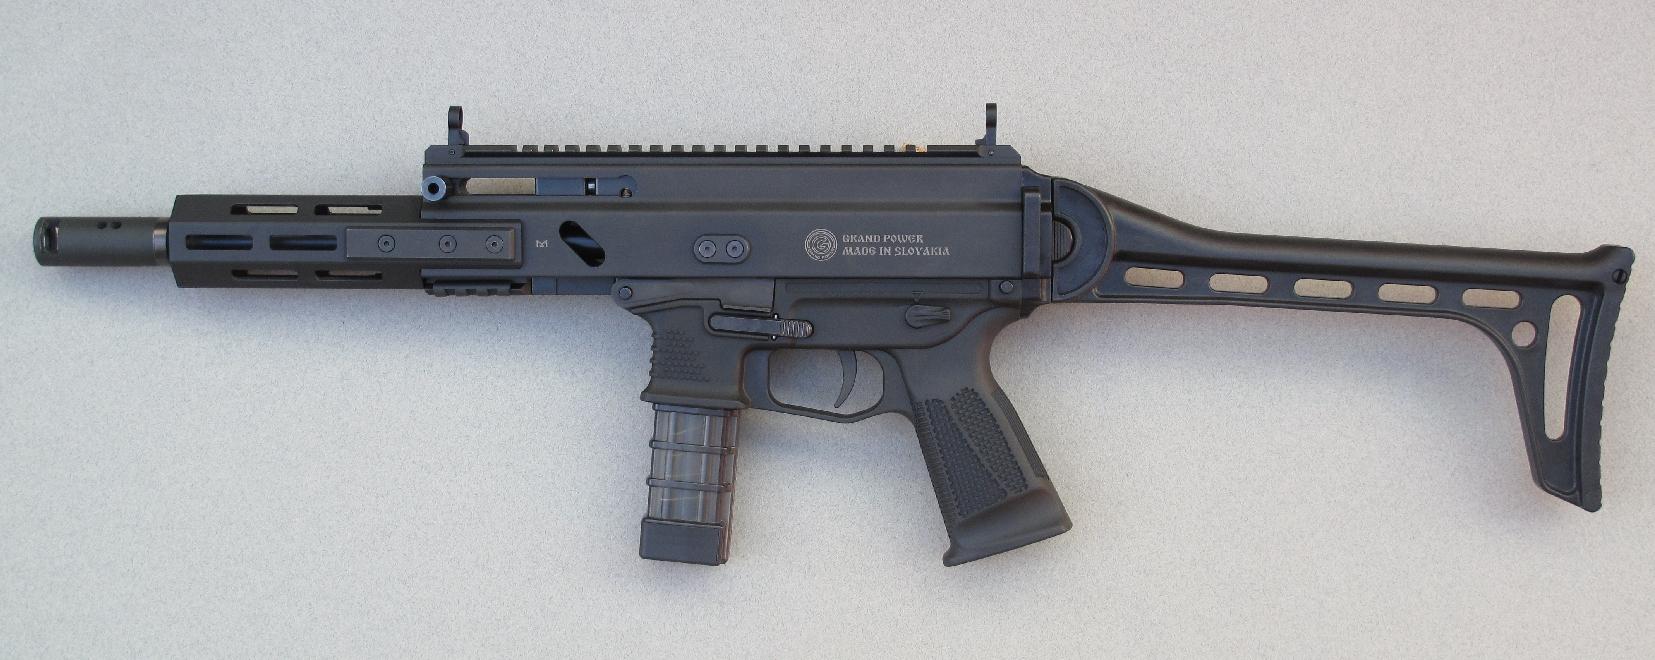 Cette carabine se révèle très compacte quand elle est alimentée par son chargeur de vingt coups et utilisée avec les éléments de visée mécaniques repliables qui équipent son rail Picatinny.